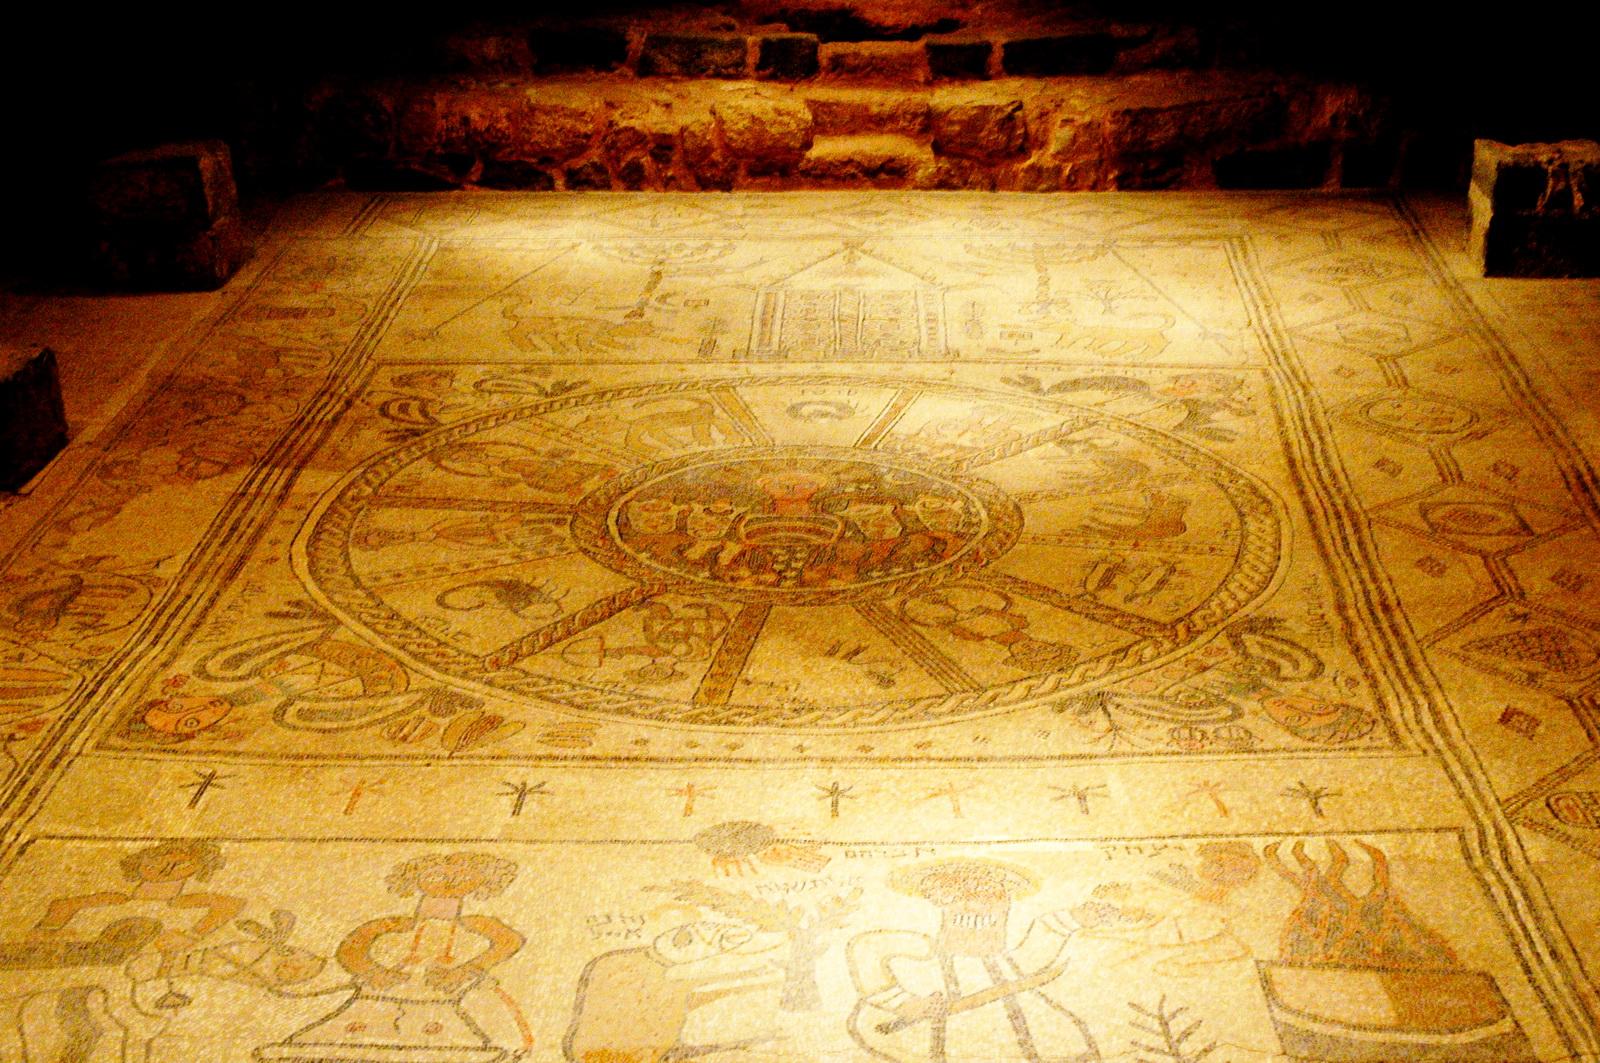 עמק בית שאן - בהכ'נ בית אלפא - רצפת הפסיפס כולה